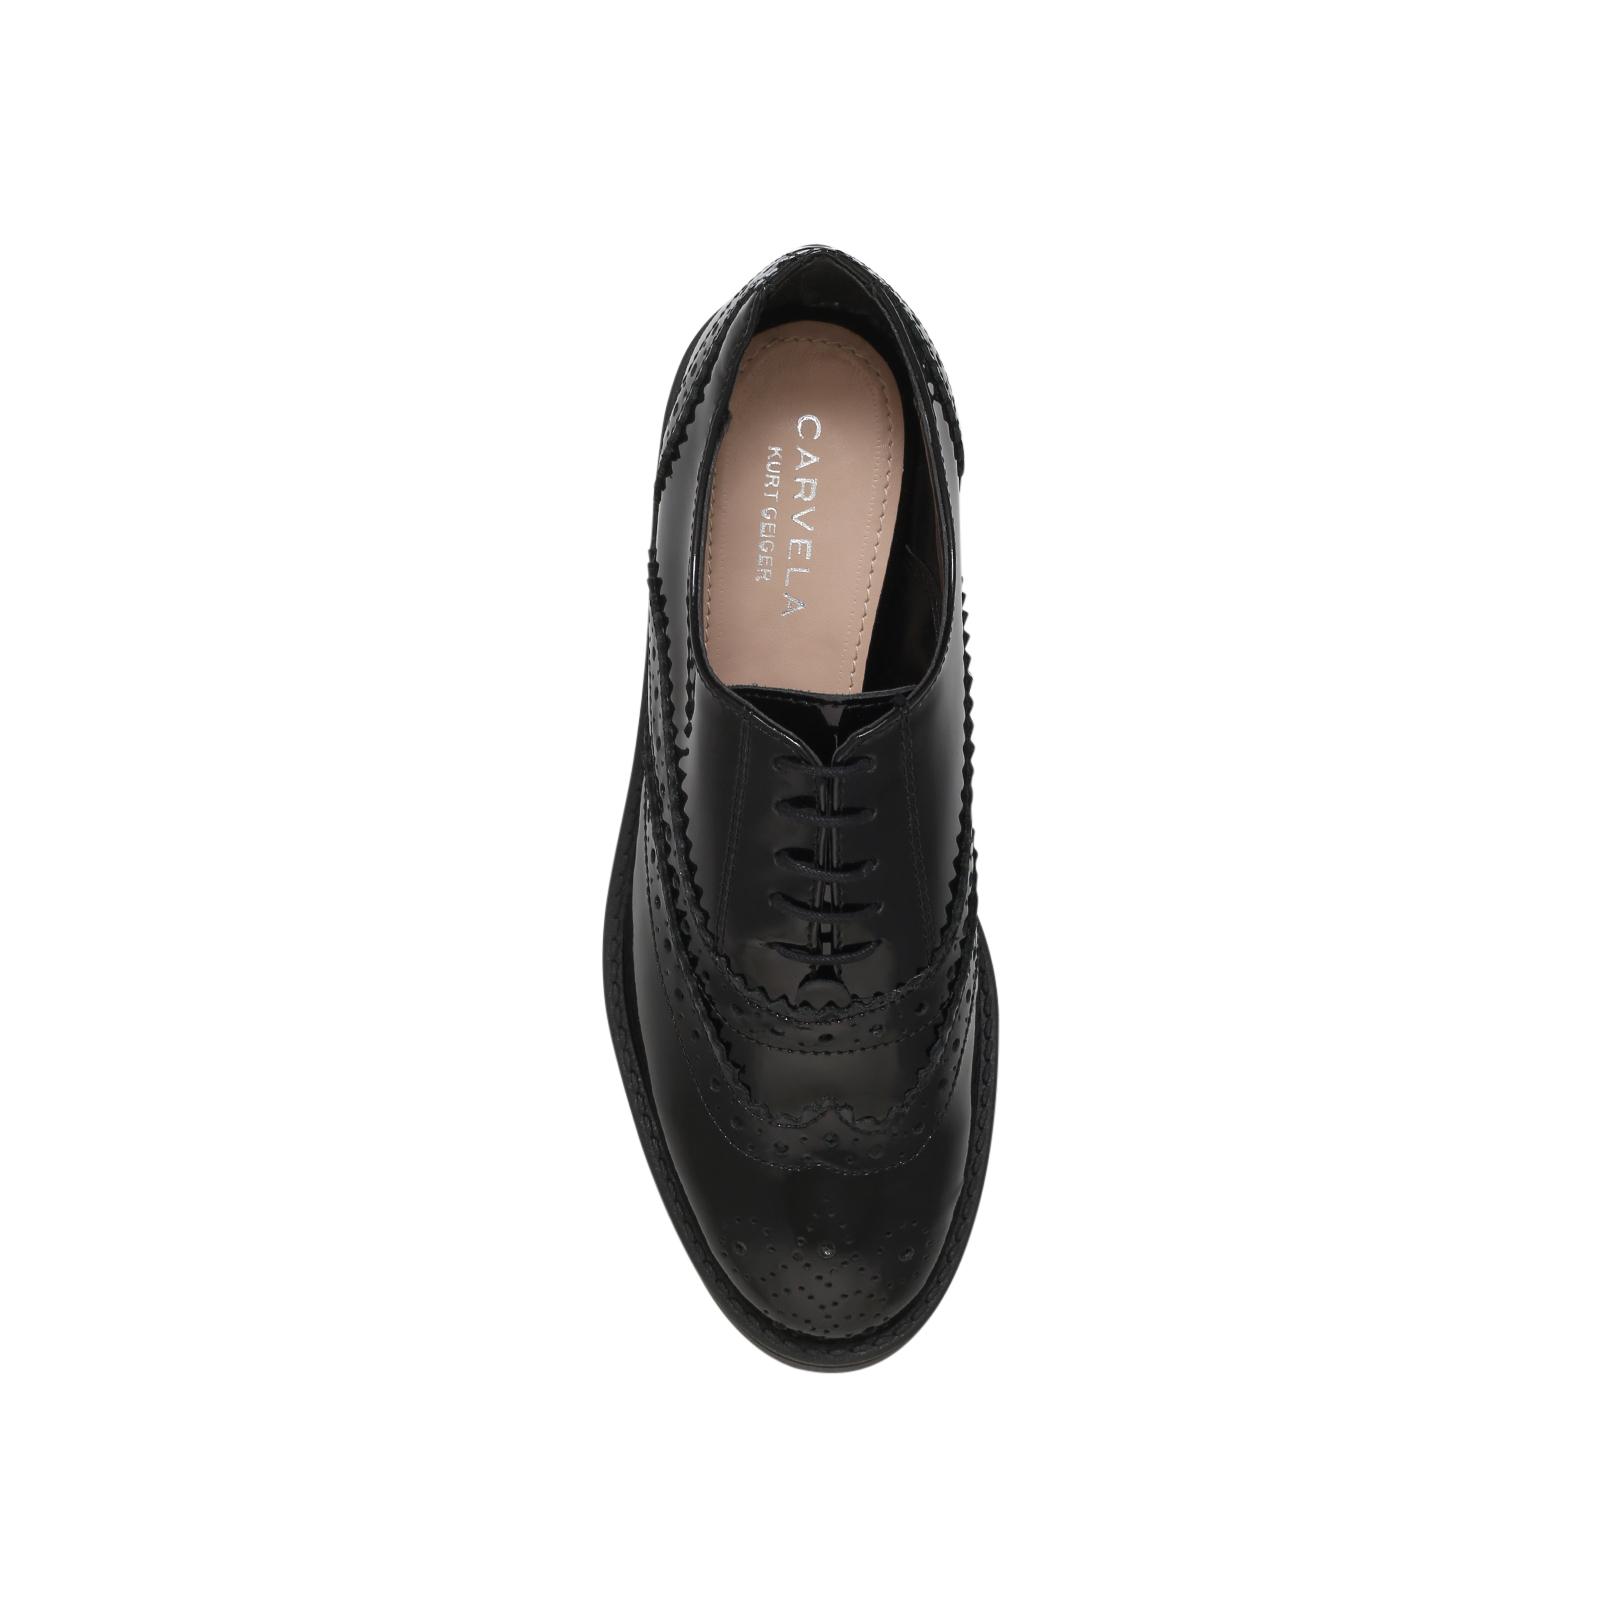 lincoln carvela kurt geiger lincoln black flat formal